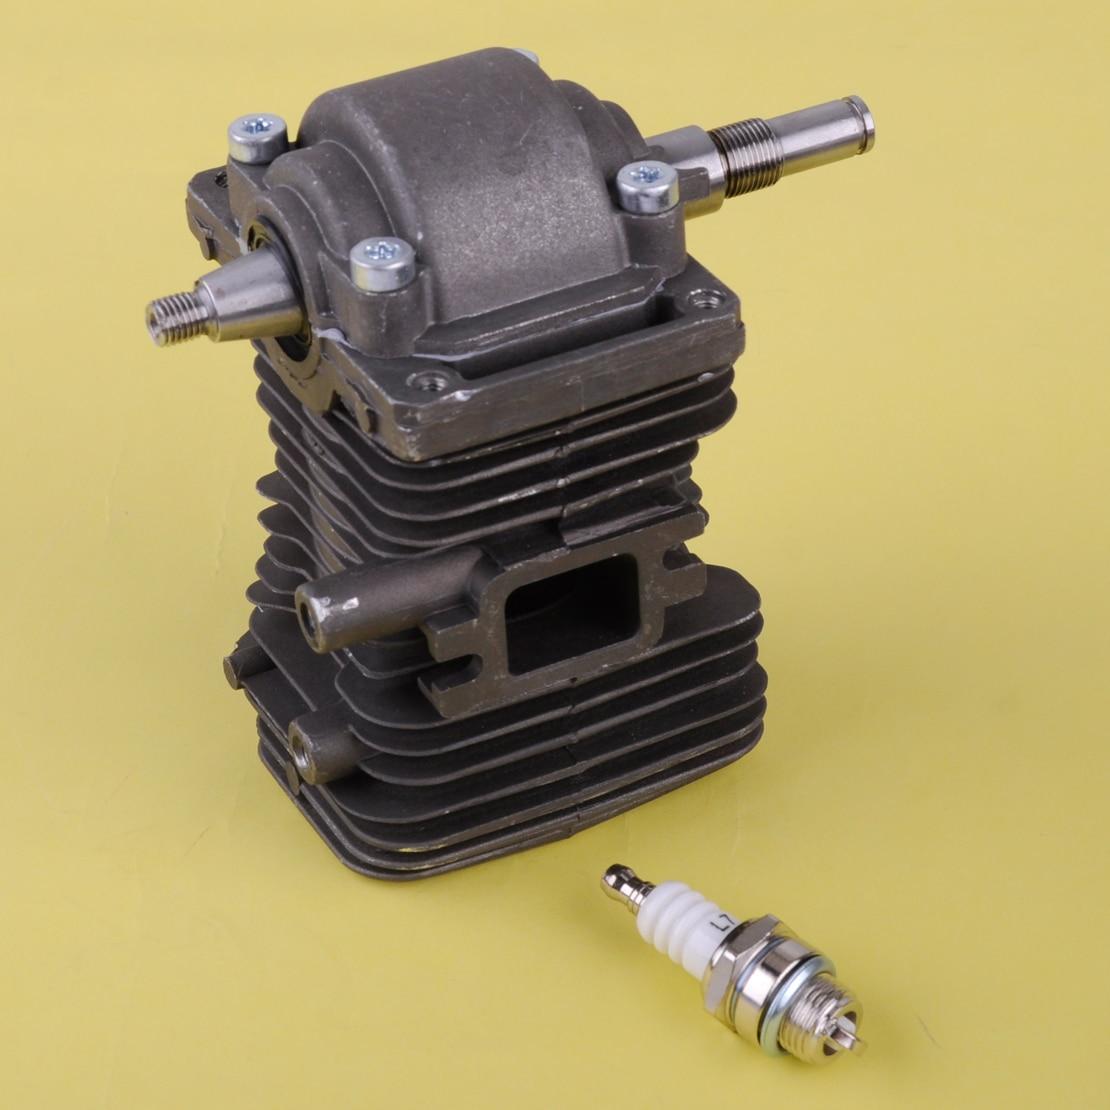 LETAOSK  38MM Engine Cylinder Piston Crankshaft Fit For Stihl MS170 MS180 018 ChainsawAccessoriesLETAOSK  38MM Engine Cylinder Piston Crankshaft Fit For Stihl MS170 MS180 018 ChainsawAccessories